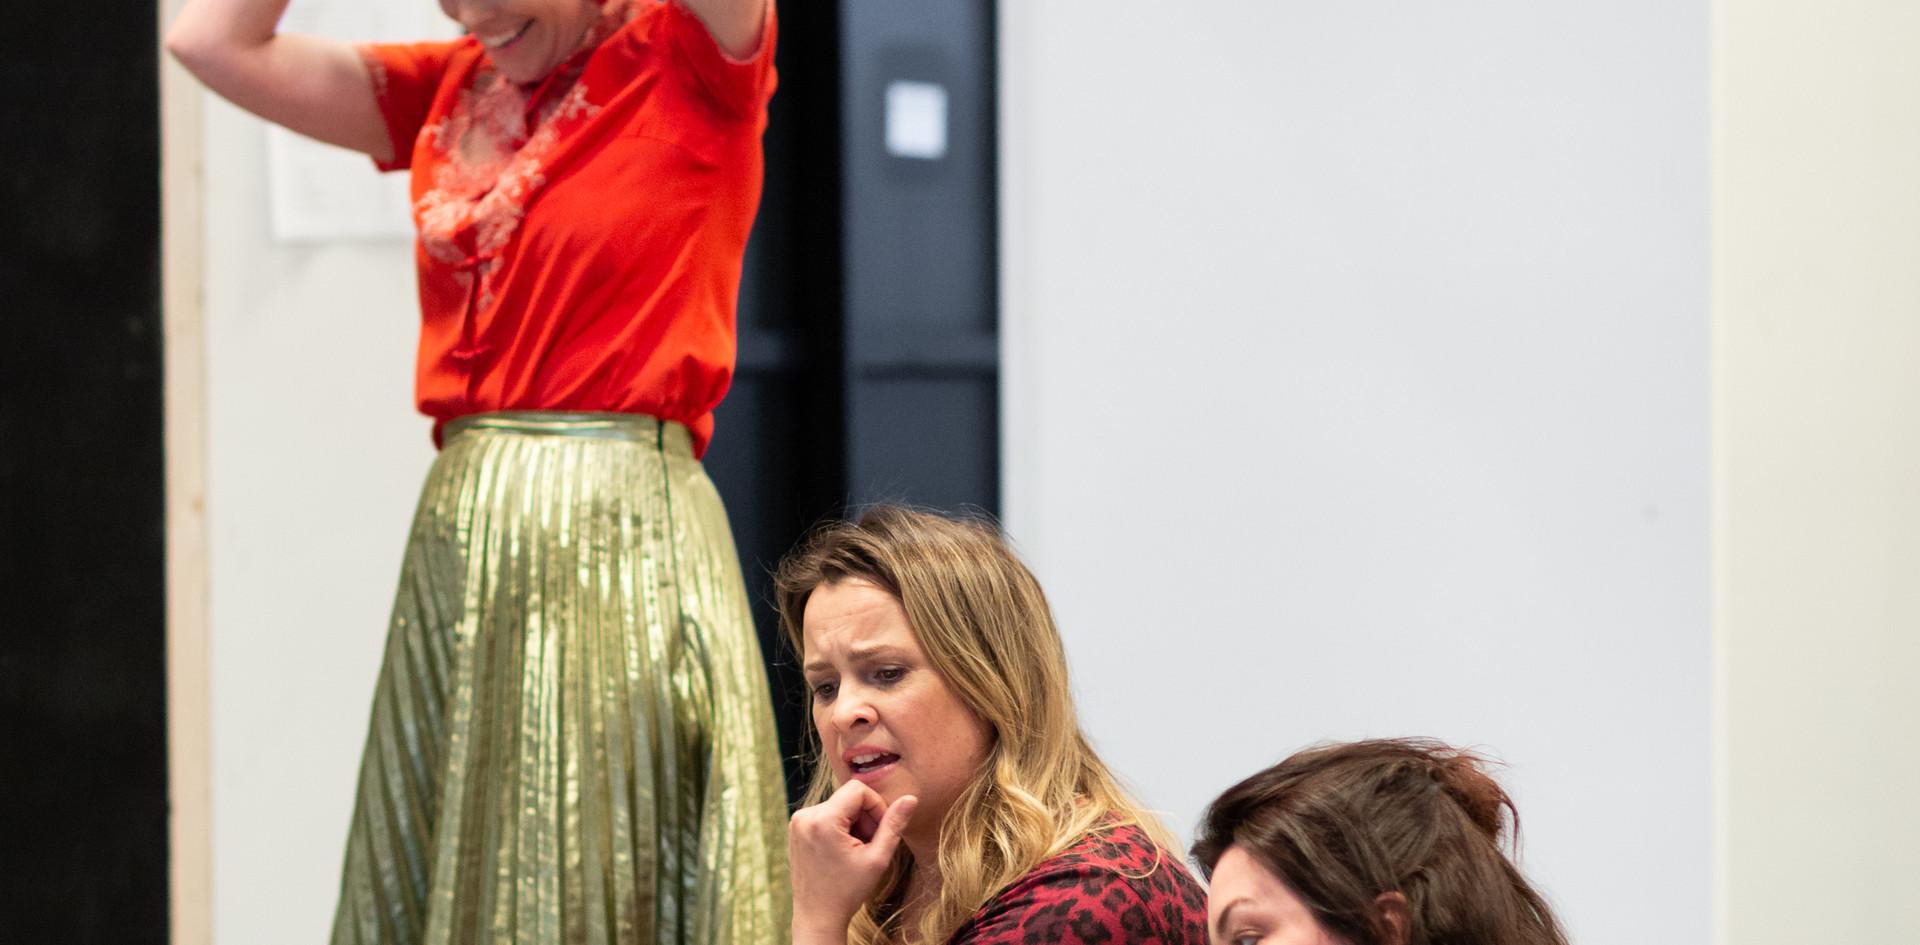 Victorian Opera Lorelei Rehearsal Photographer Bri Hammond